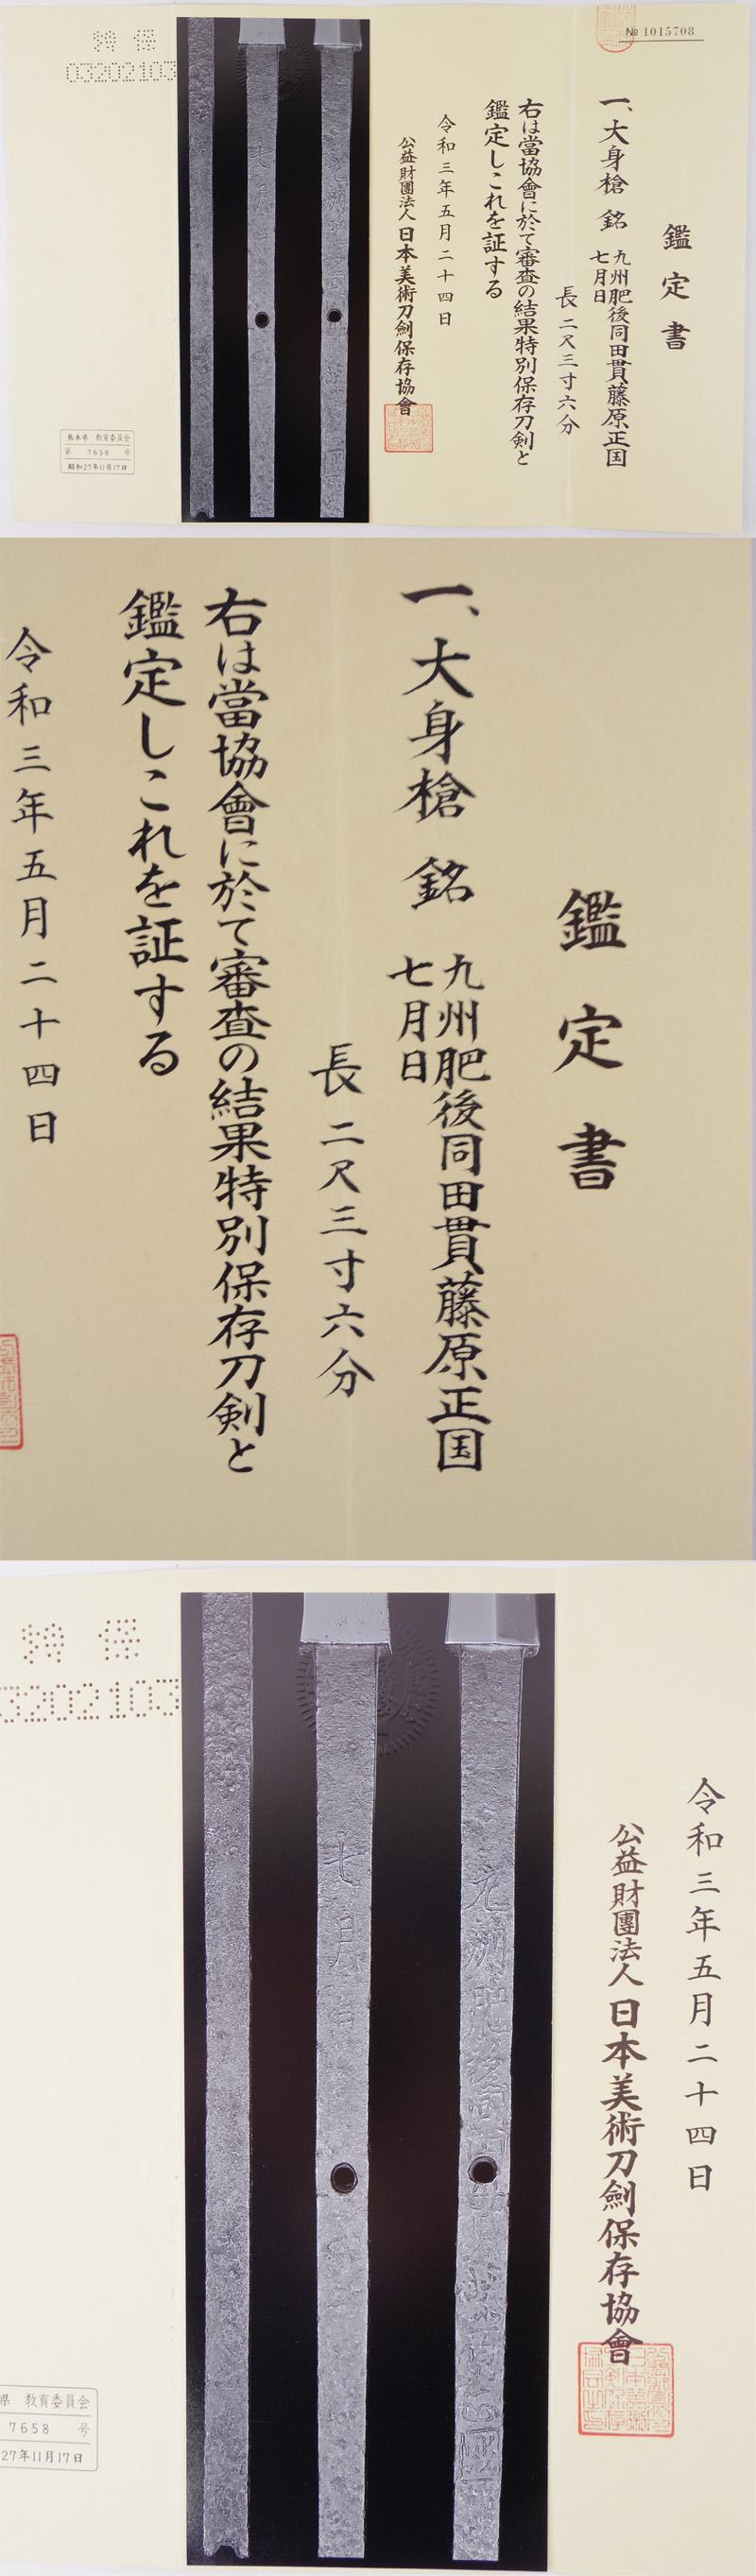 大身槍 九州肥後同田貫藤原正国    七月日鑑定書画像